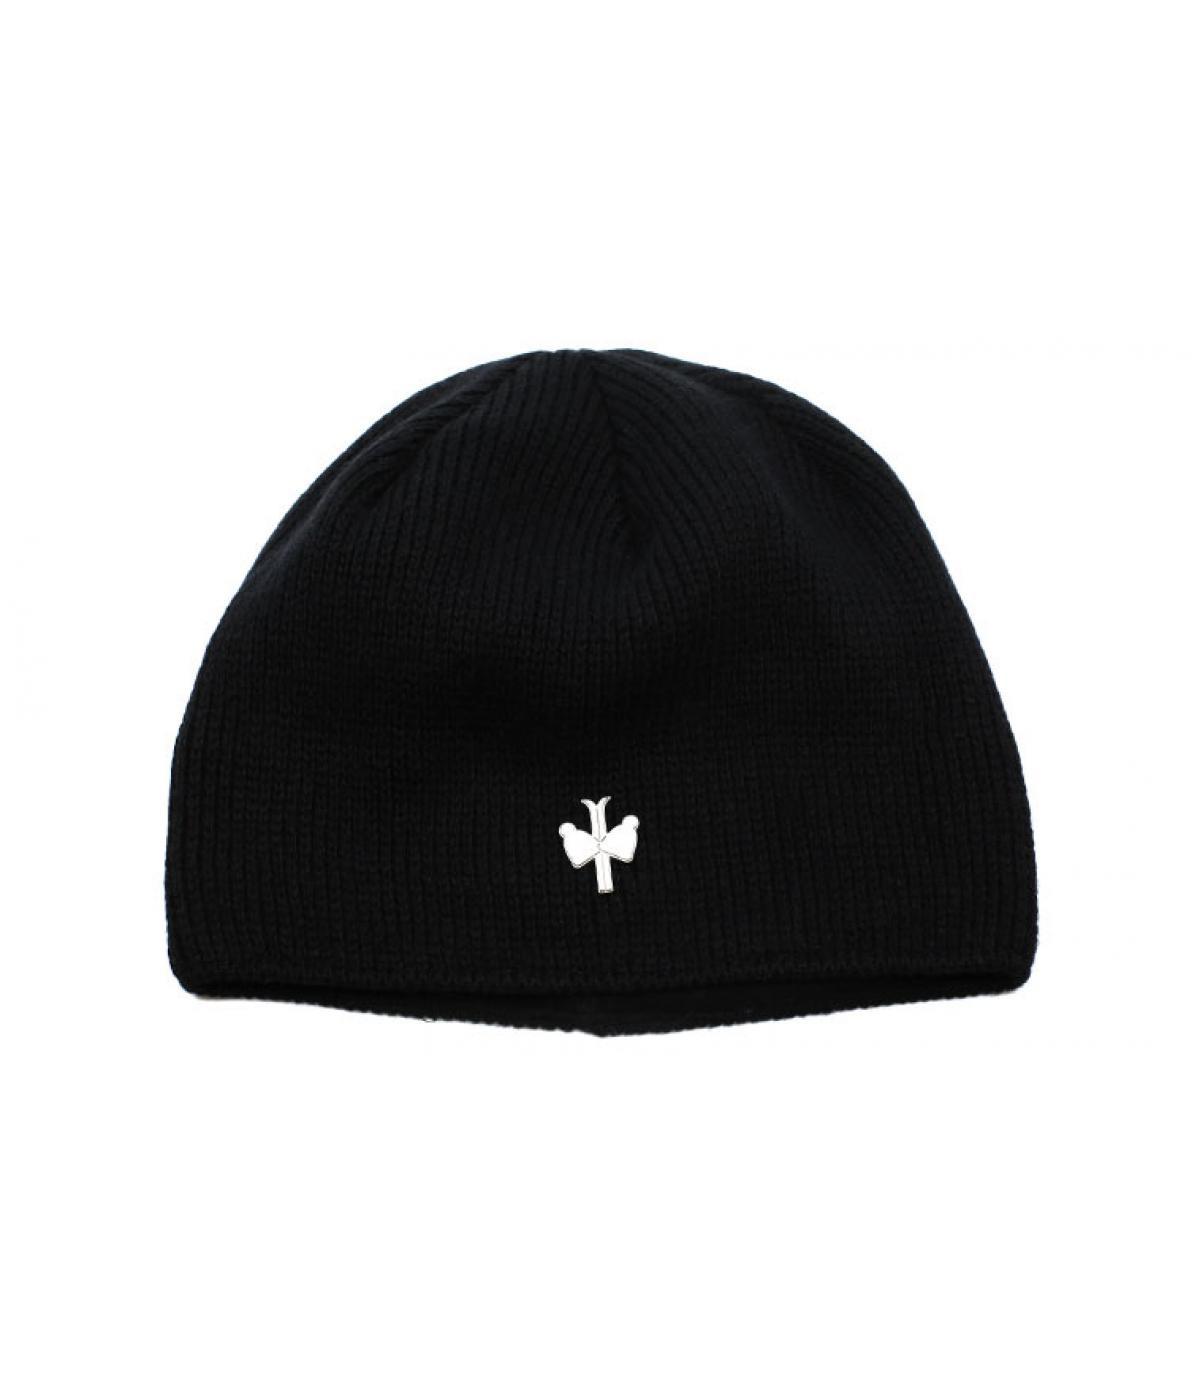 bonnet laine cachemire noir - Hambourg noir Pipolaki - image 1 ... a4fa9bbb5357